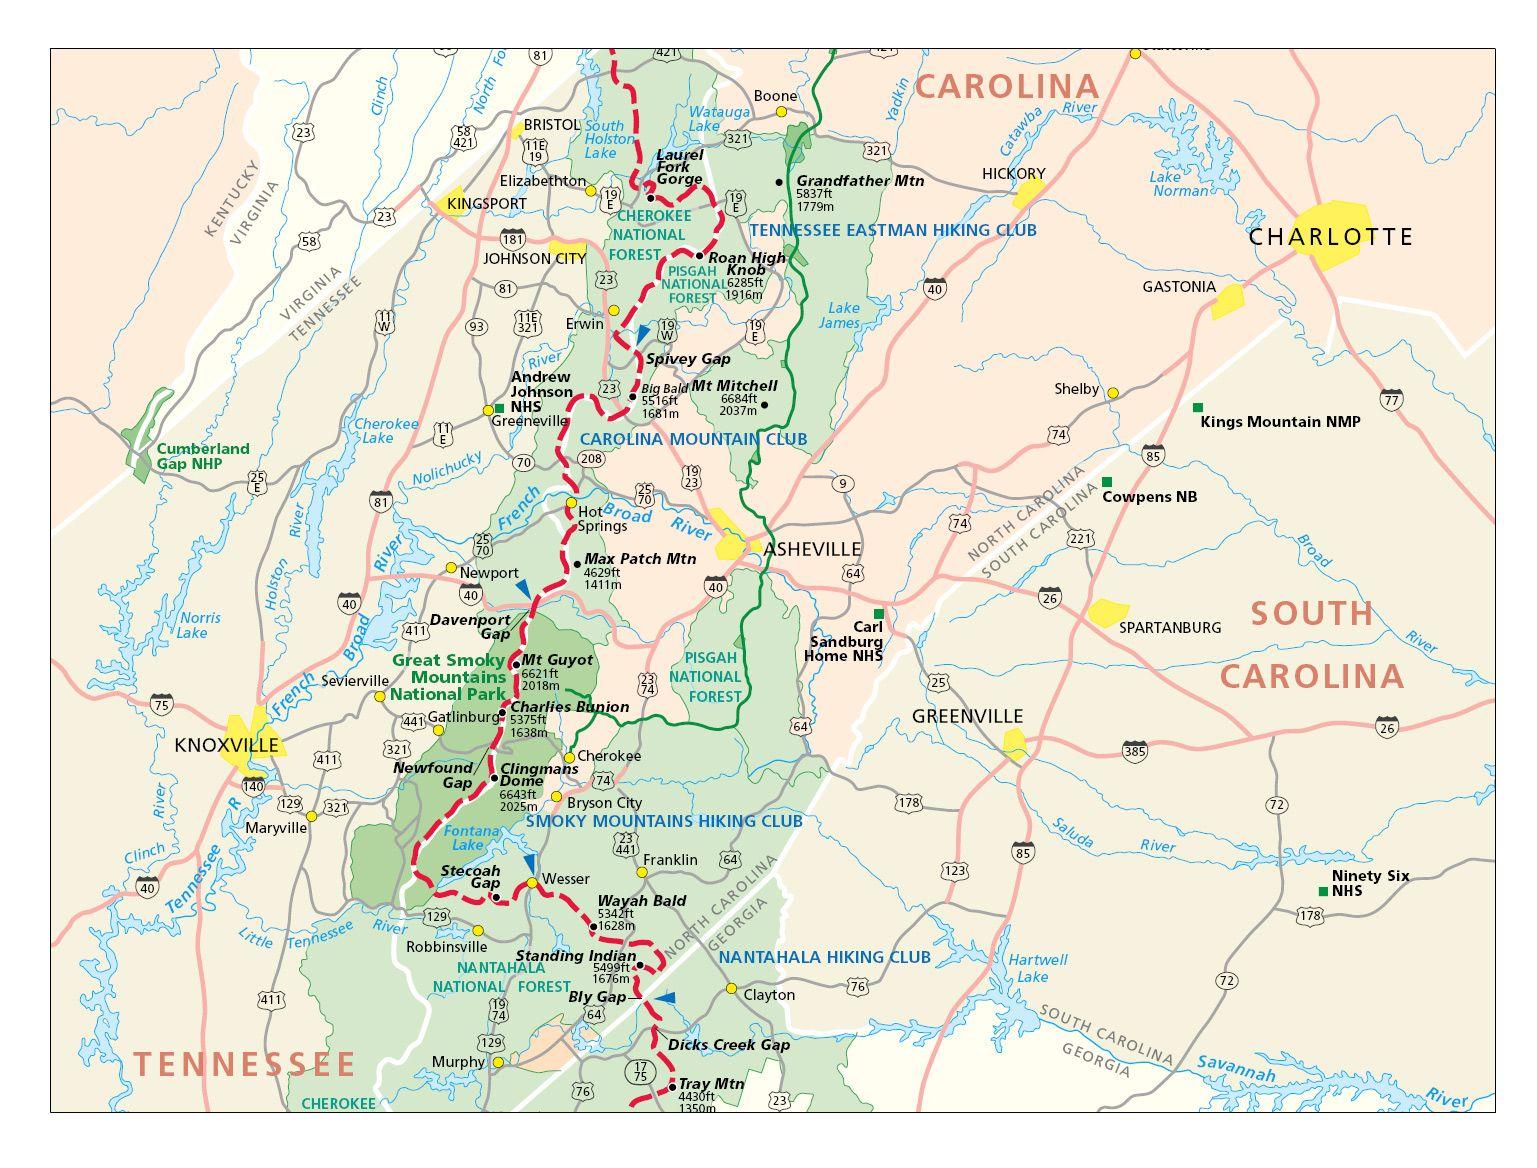 Appalachian trail, springer mountain to davenport gap [georgia.